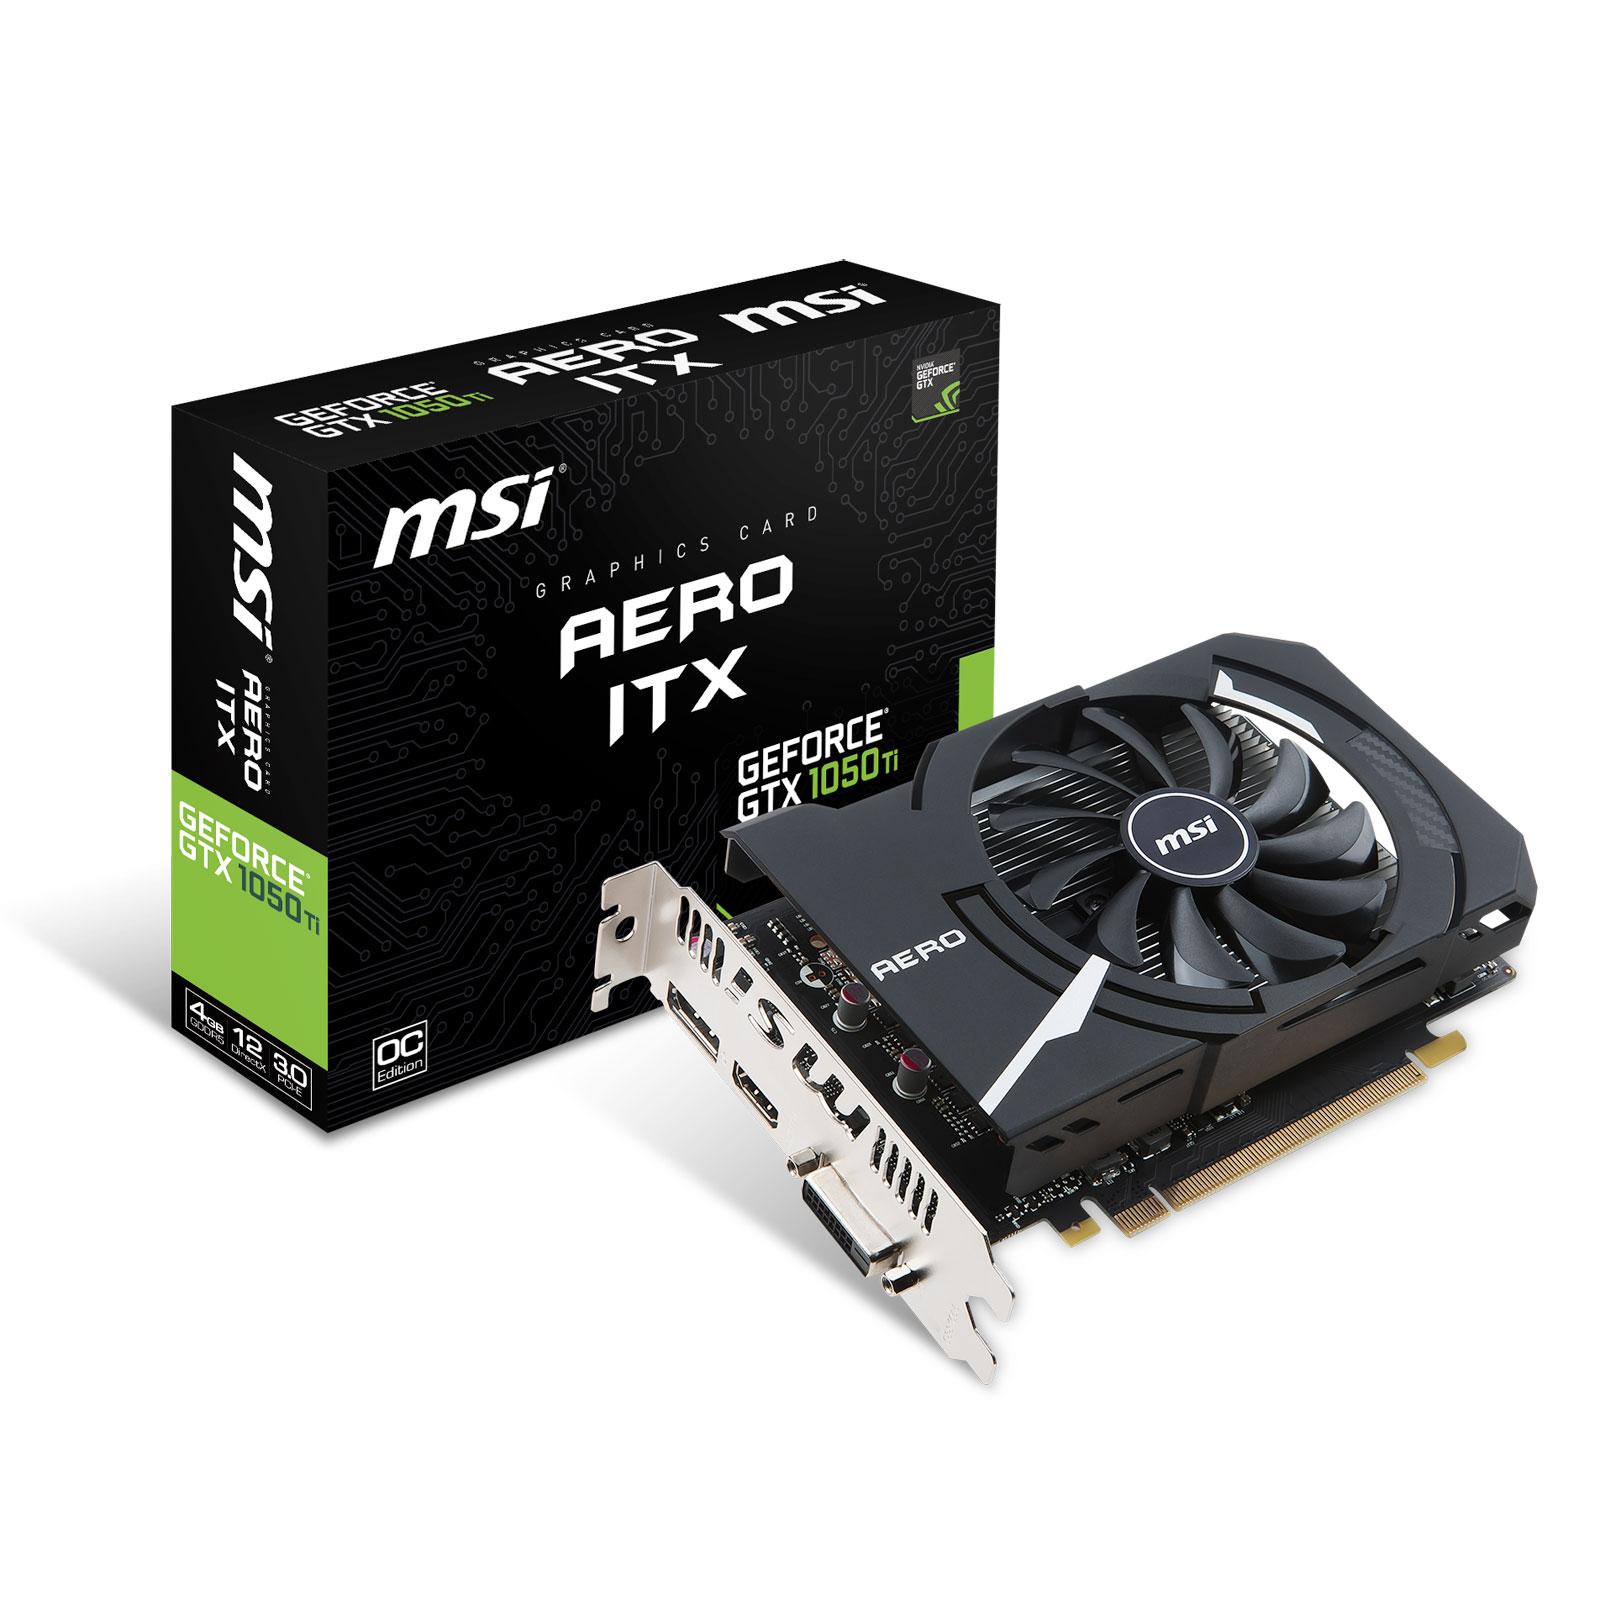 MSI GTX 1050Ti AERO ITX 4G OCV1 -1050Ti/4G/DVI/DP/HDMI - Carte graphique - 0